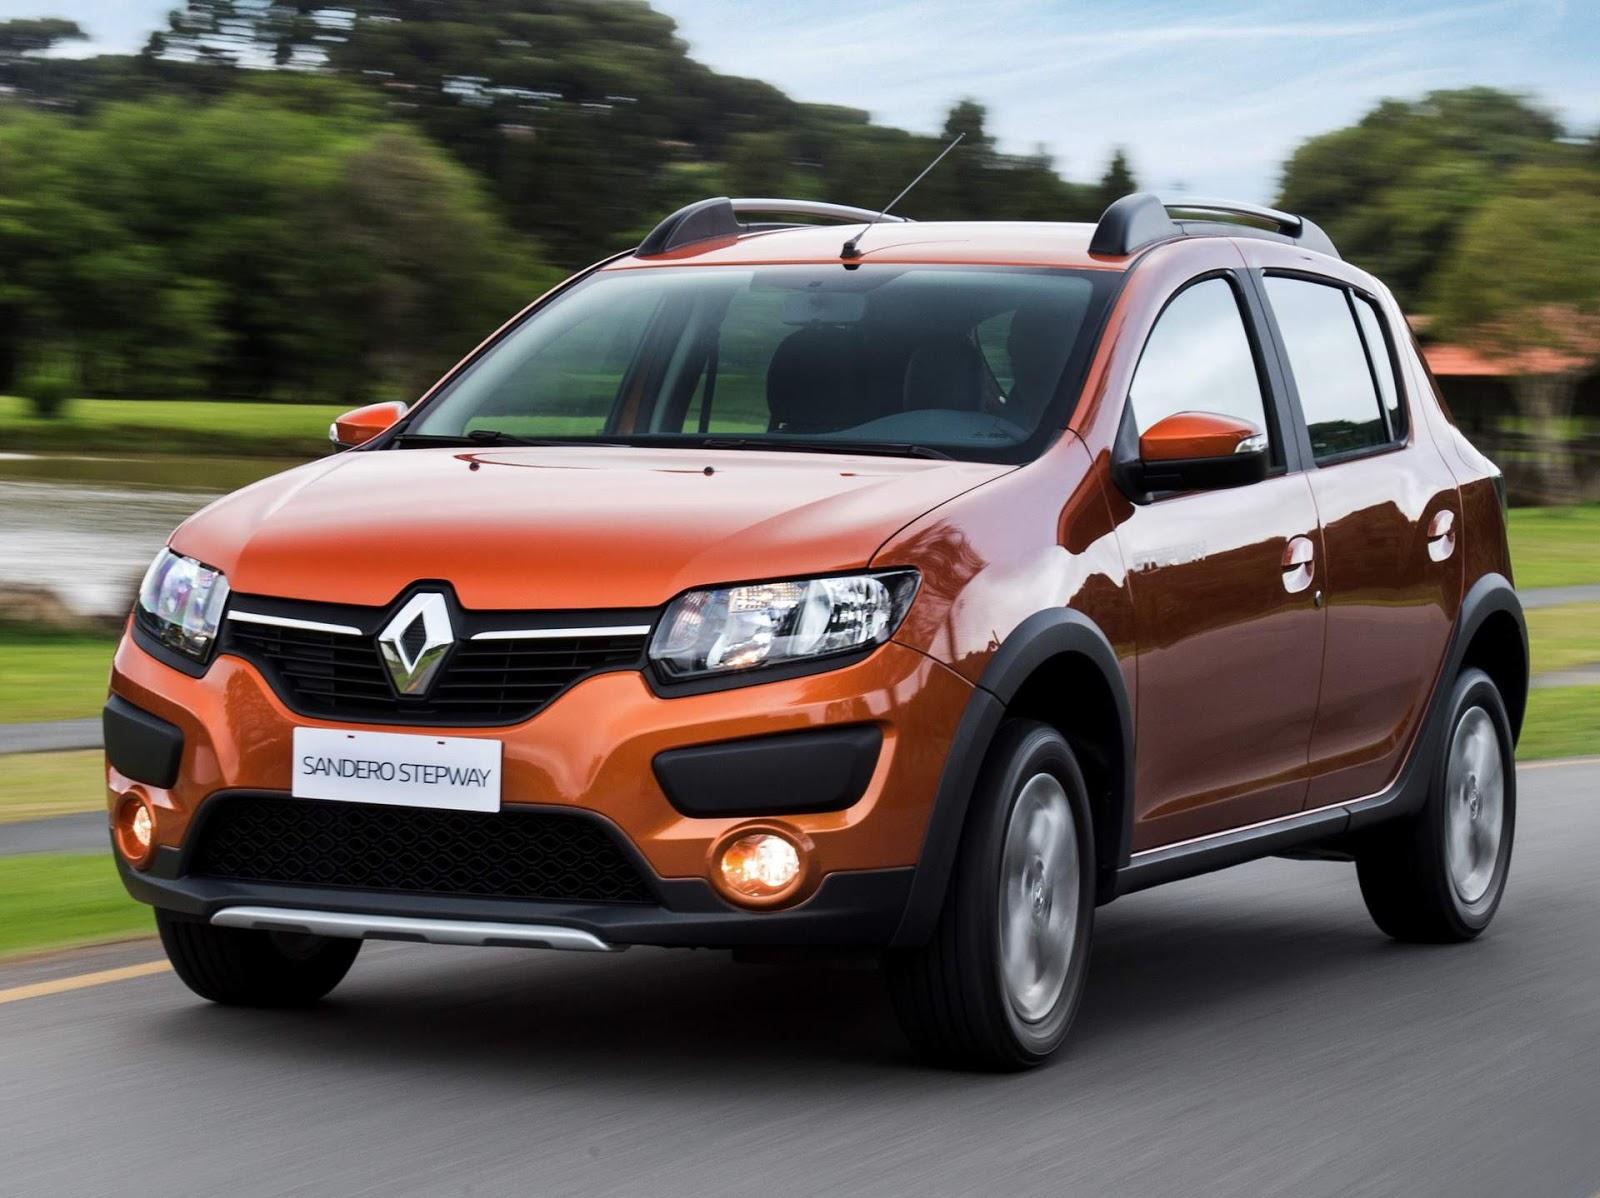 Renault Sandero 2017 Fotos Precos Consumo Desempenho